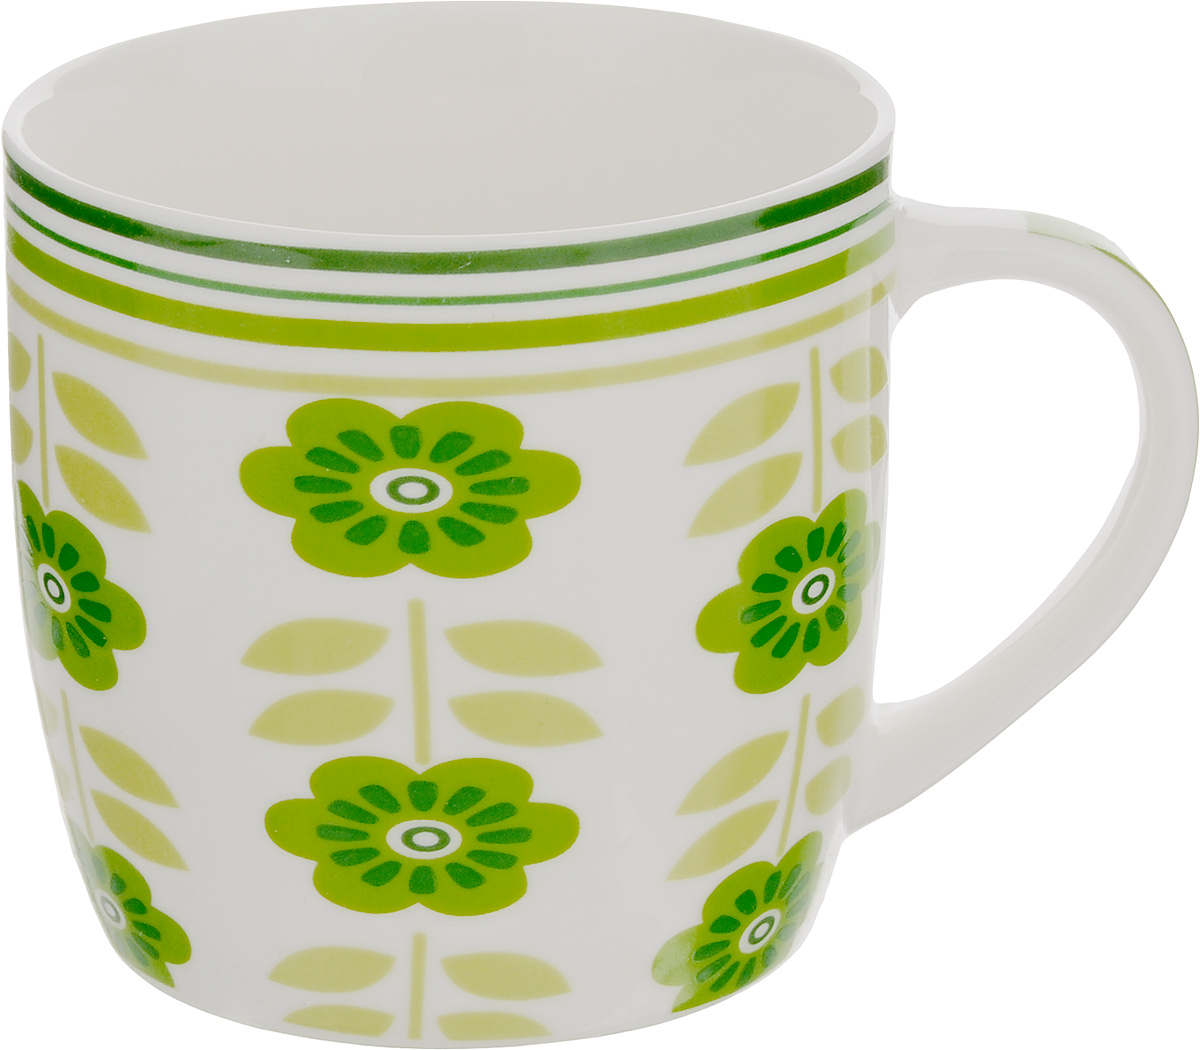 Кружка Loraine Цветы, 320 мл24474_белый, зеленыйОригинальная кружка Loraine Цветы выполнена из костяного фарфора иоформлена красочным изображением. Она станет отличным дополнением ксервировке семейного стола и замечательным подарком для ваших родных идрузей. Диаметр кружки (по верхнему краю): 8,5 см. Высота кружки: 8,4 см.